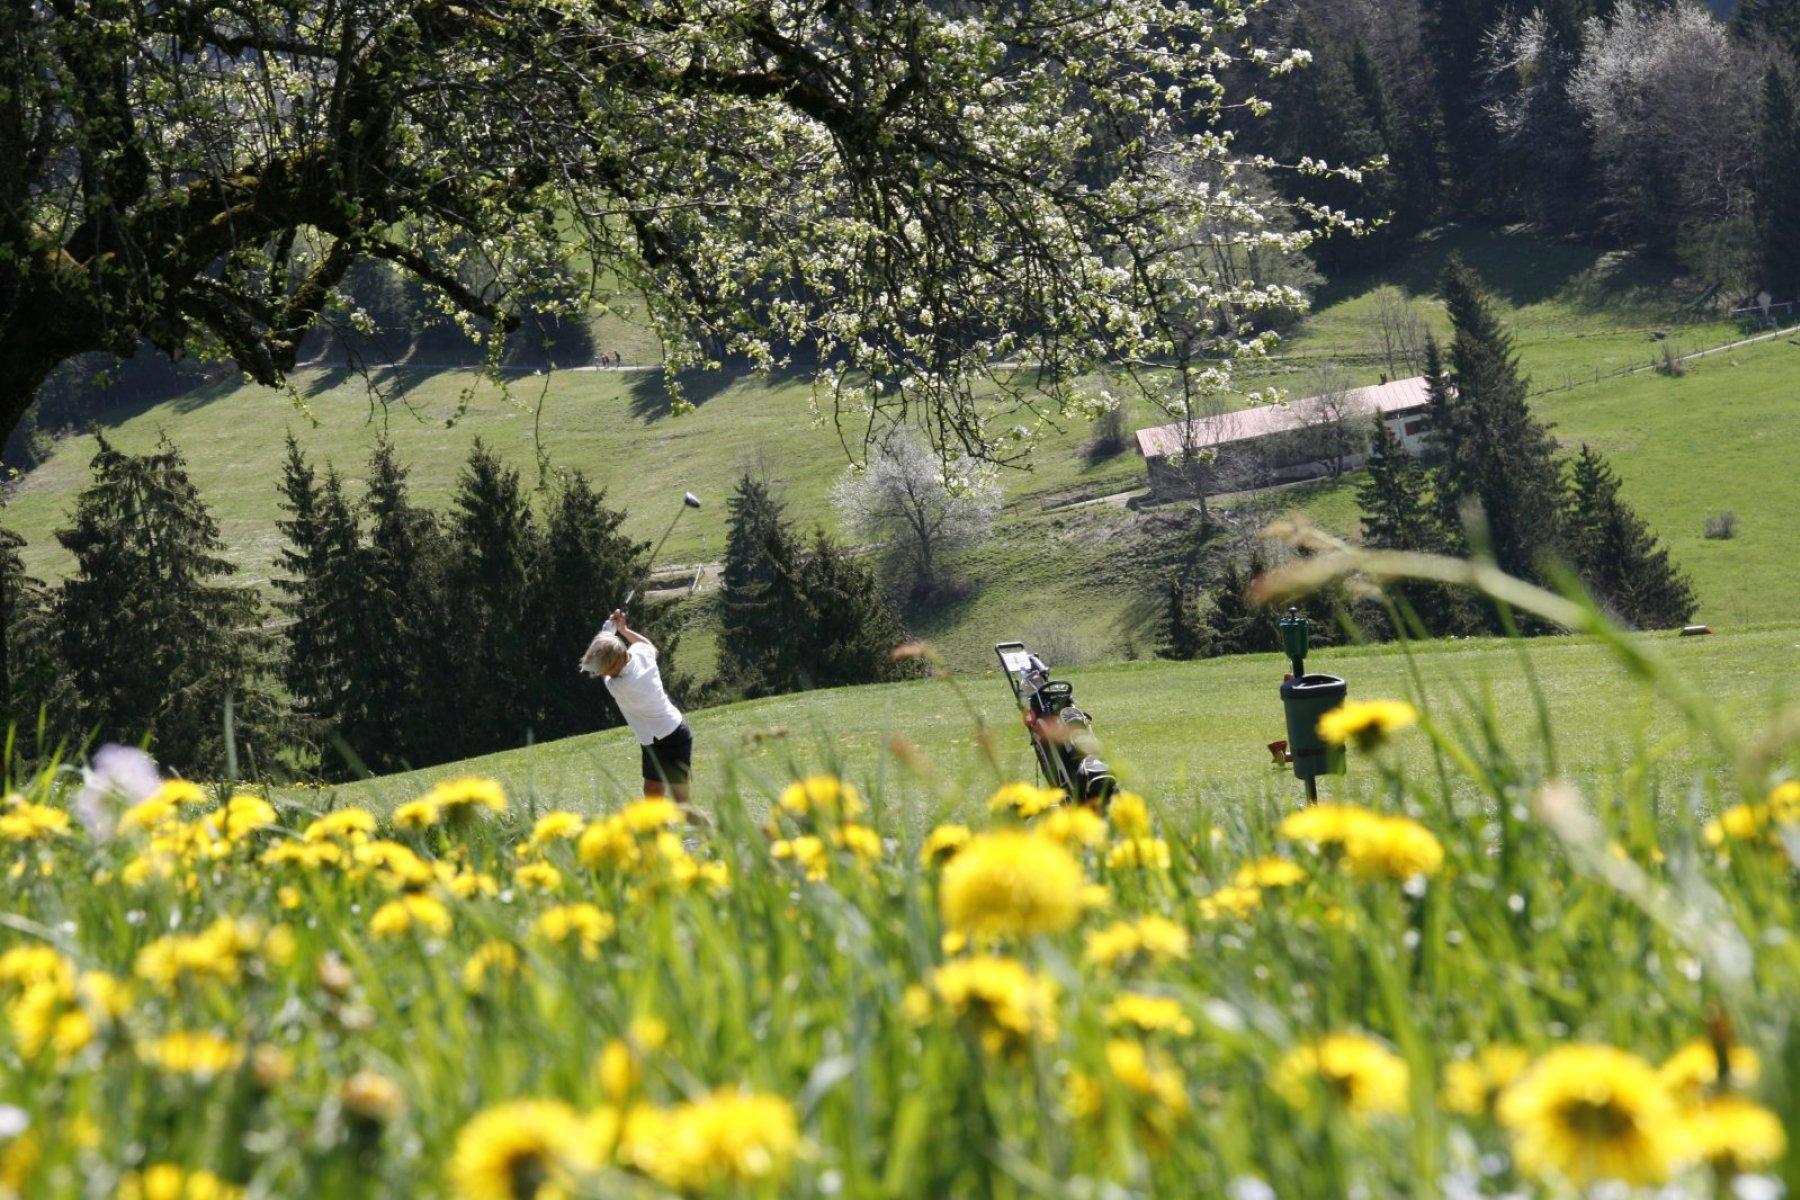 Golfspieler im Allgäu beim Abschlag